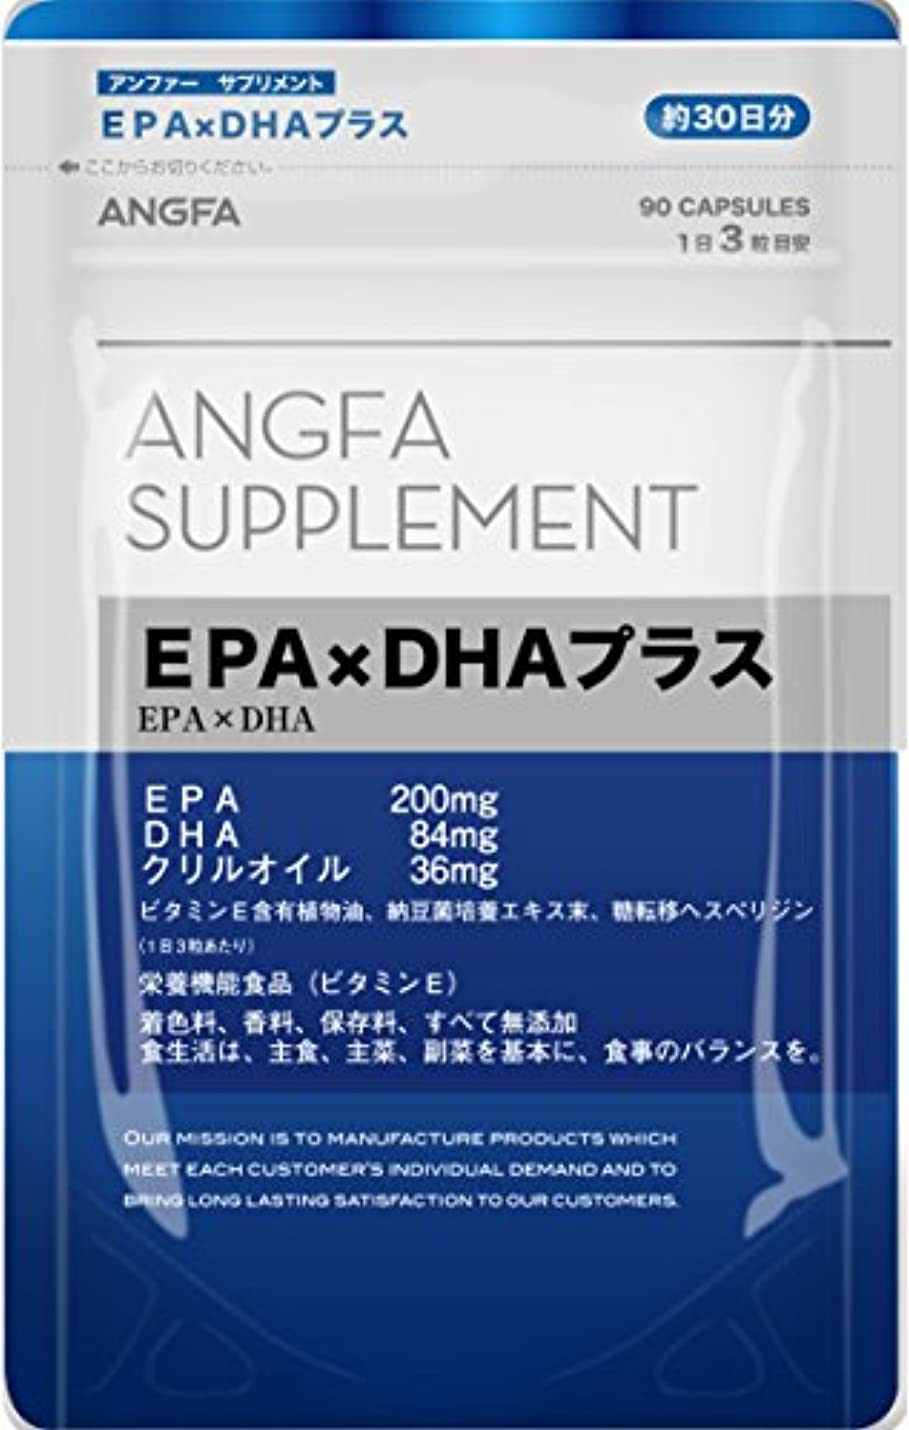 せがむ自伝汚れたアンファー (ANGFA) サプリメント EPA × DHA プラス 90粒